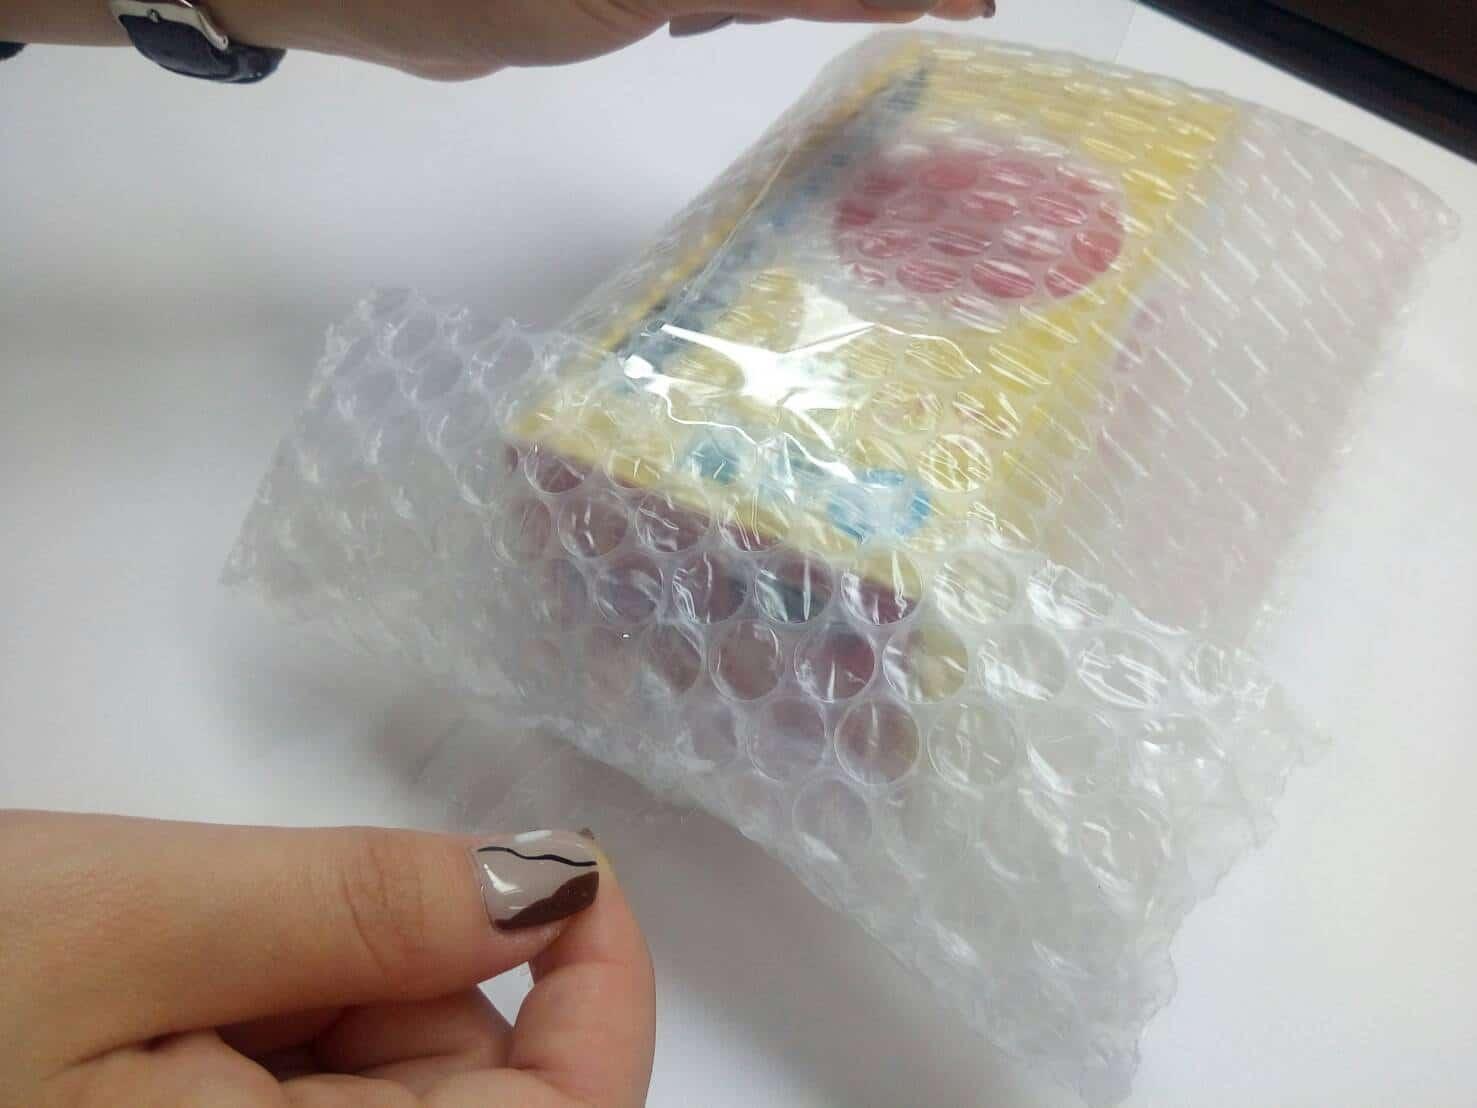 傳統氣泡布,也有人稱為氣泡紙或是氣泡袋,是一種塑膠類也是較為常見緩衝包裝材料。 氣泡袋可分為單層氣泡袋與雙層氣泡袋,氣泡的大小分為兩種,大氣泡(直徑2.5cm),小氣泡(直徑1cm),一般常見於產品的包覆、包裝,能有效預防碰撞、刮傷、還能填充空間等等。